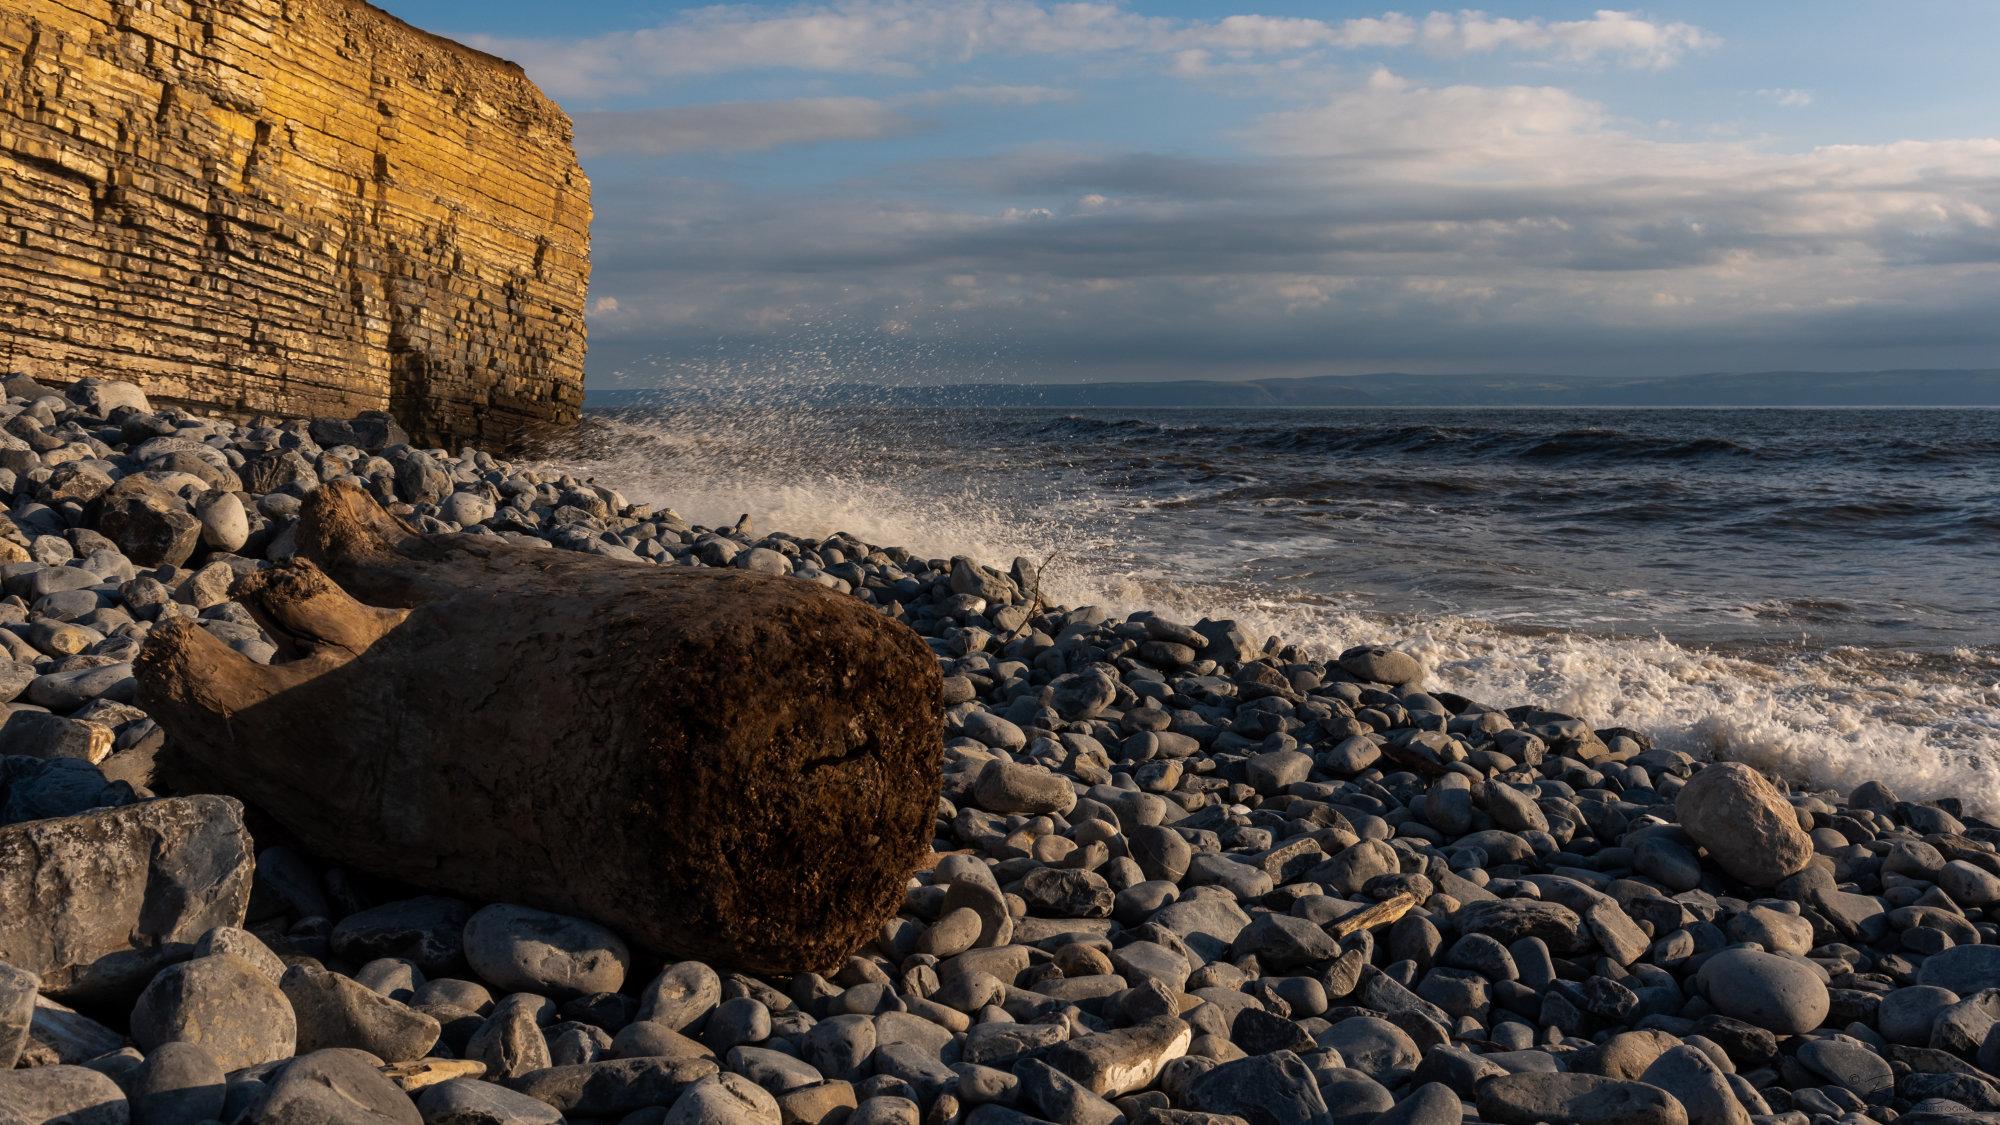 Log on rocks